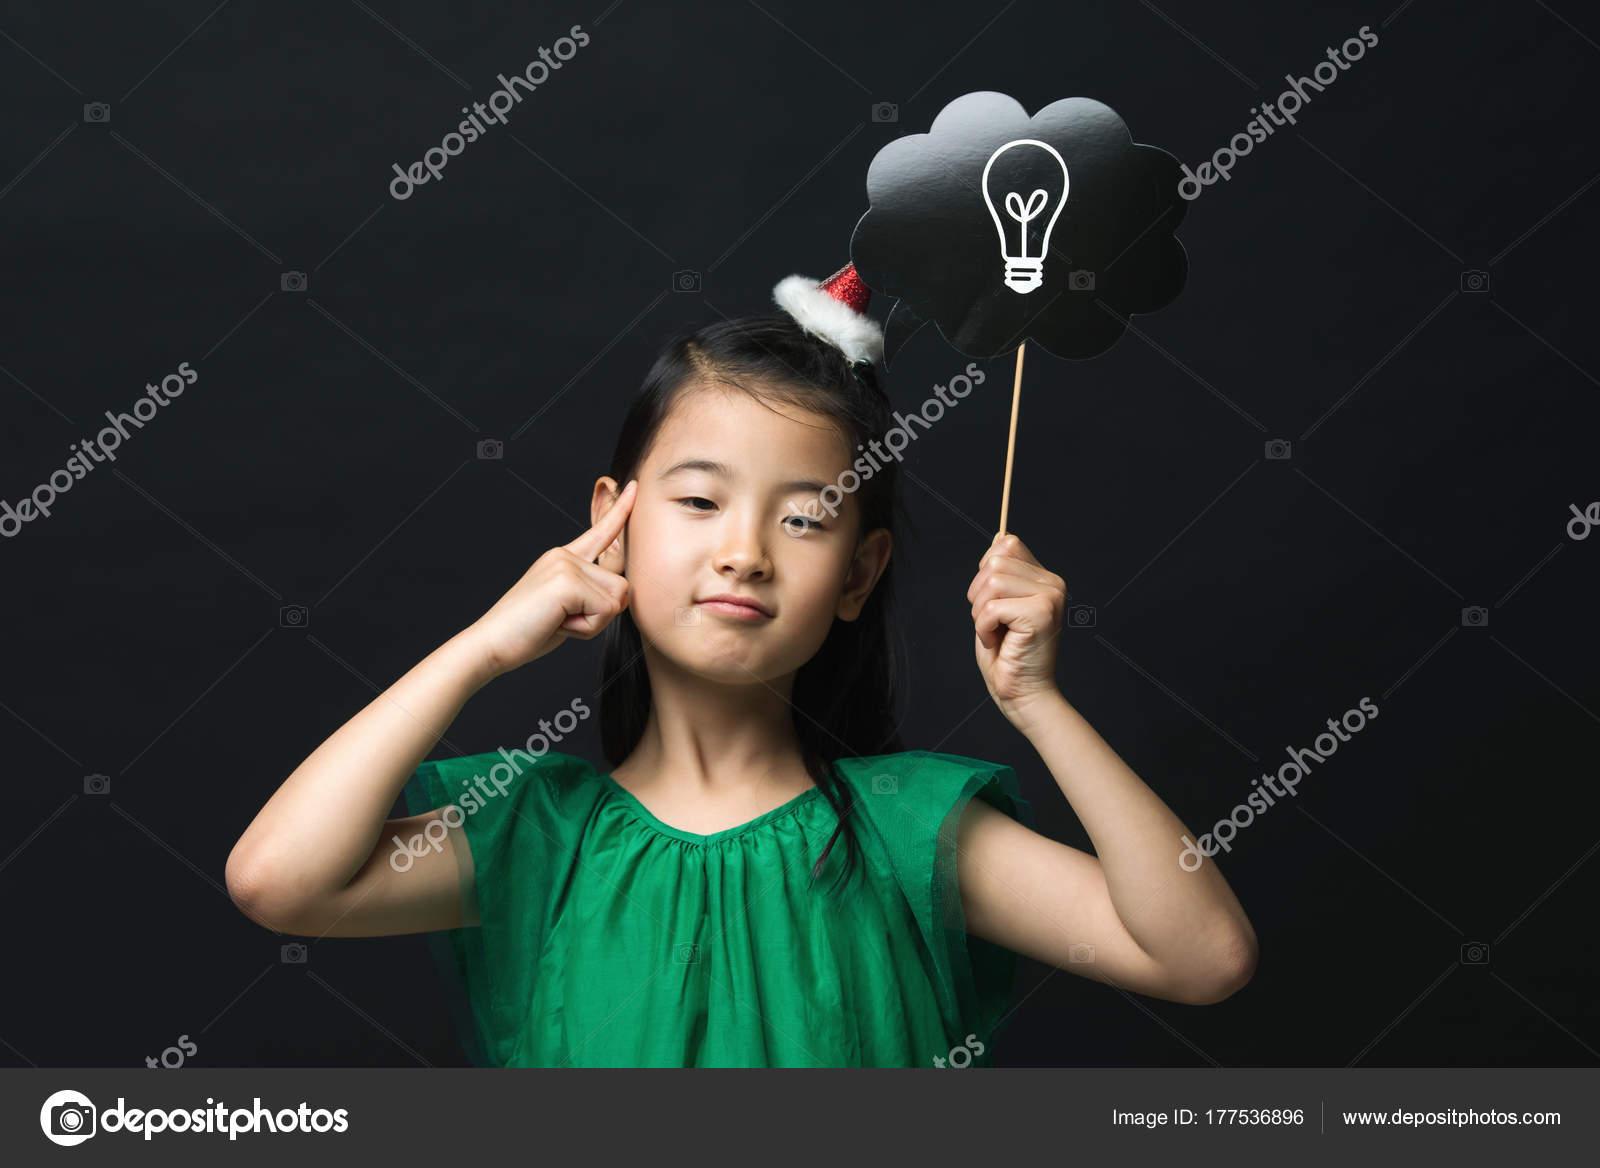 Süße Asiatische Mädchen Gekleidet Ein Grünes Kleid Hält Eine Idee ...